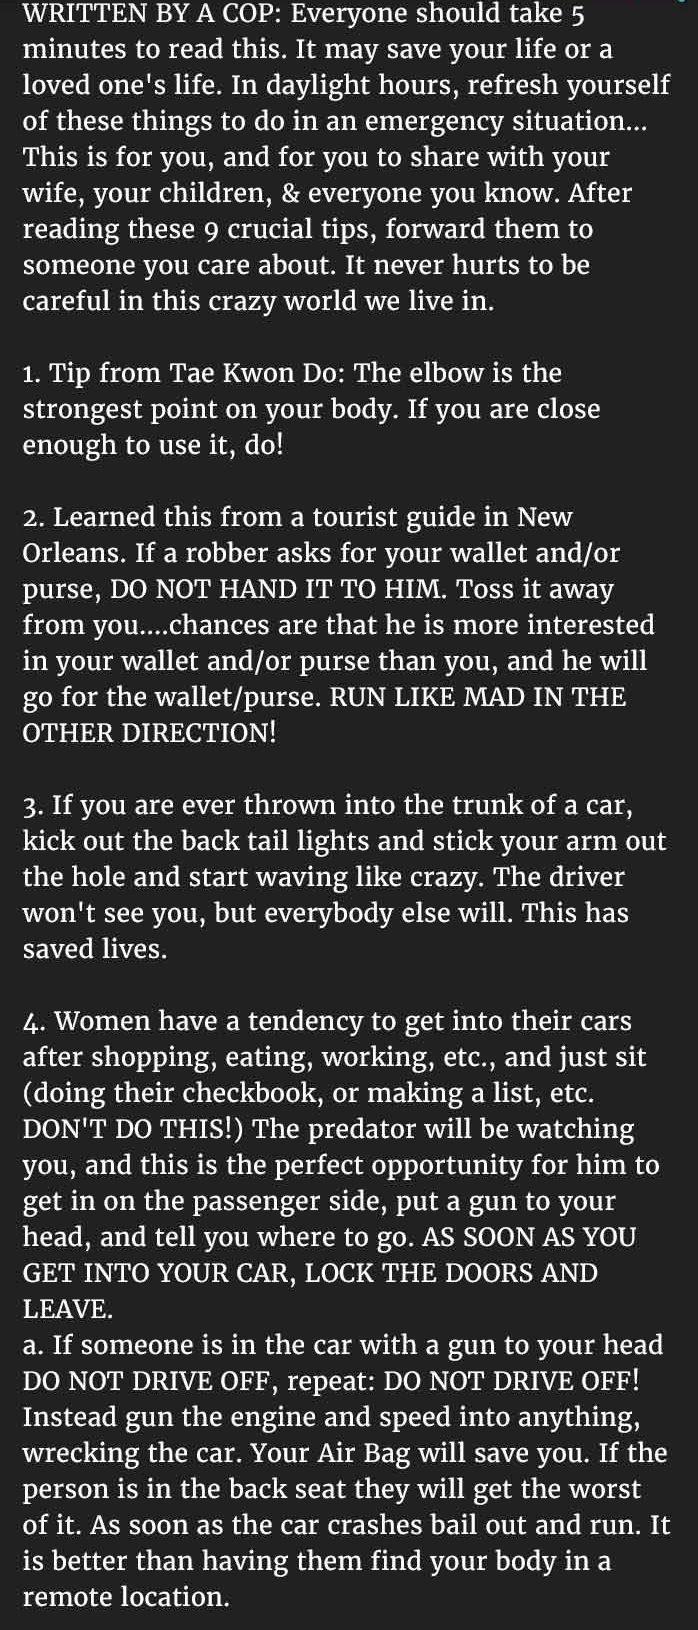 cop safety tip 1